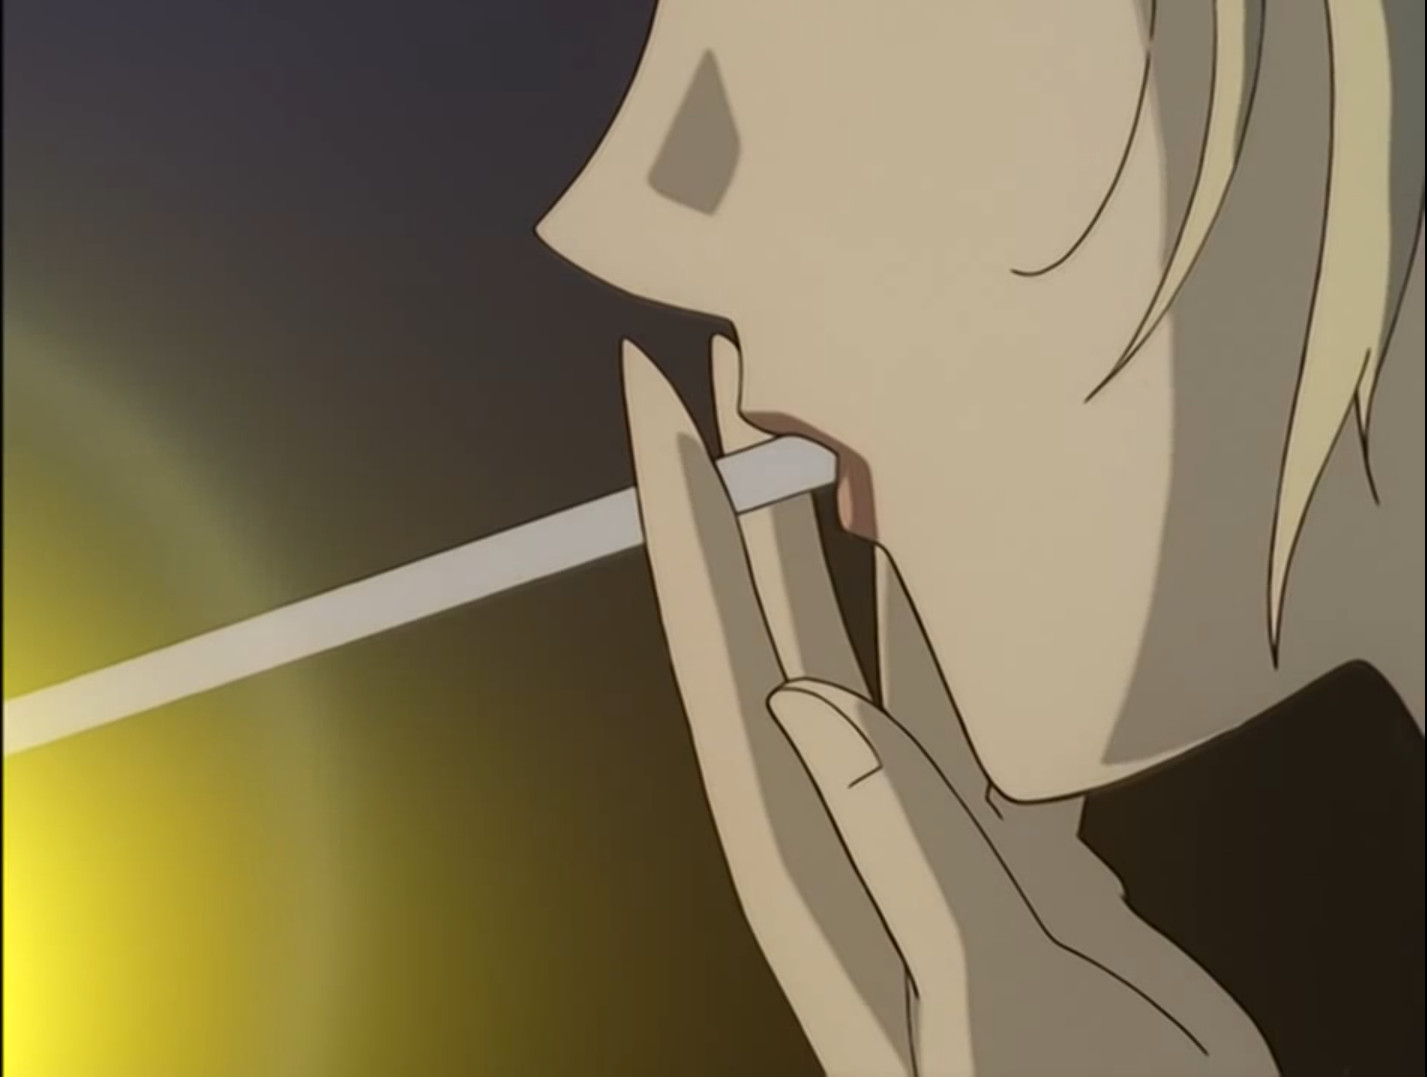 Anime girl smoking gif